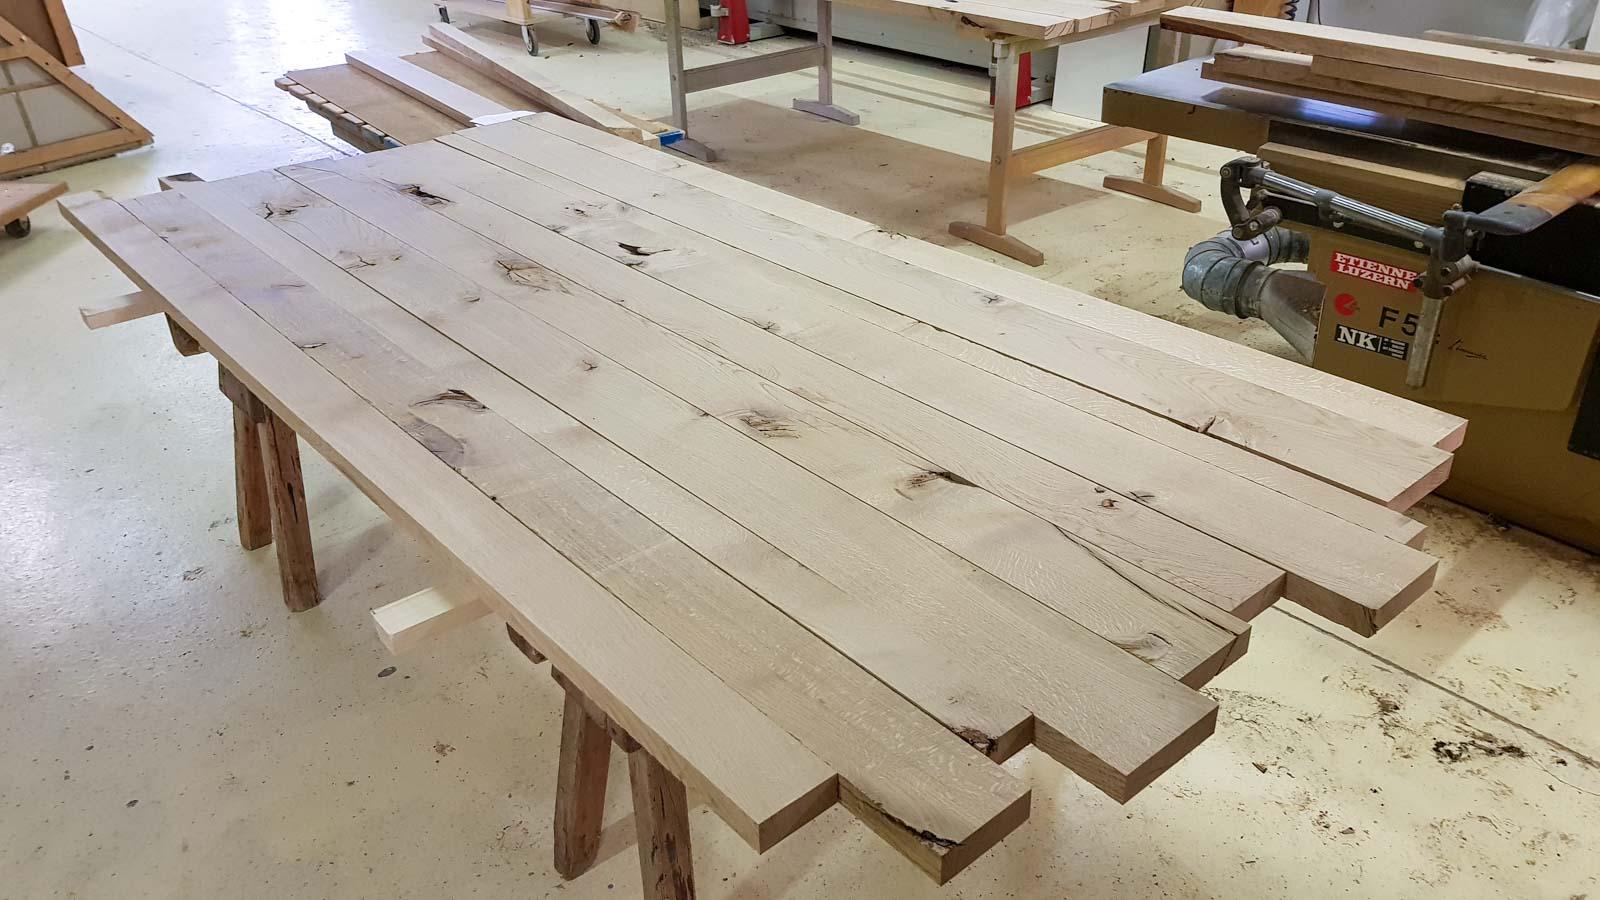 Wooddesign_Tisch_ Herstellung_Schwarzstahl_Tischgestell_Schreinerei Möbelwerkstatt (5)